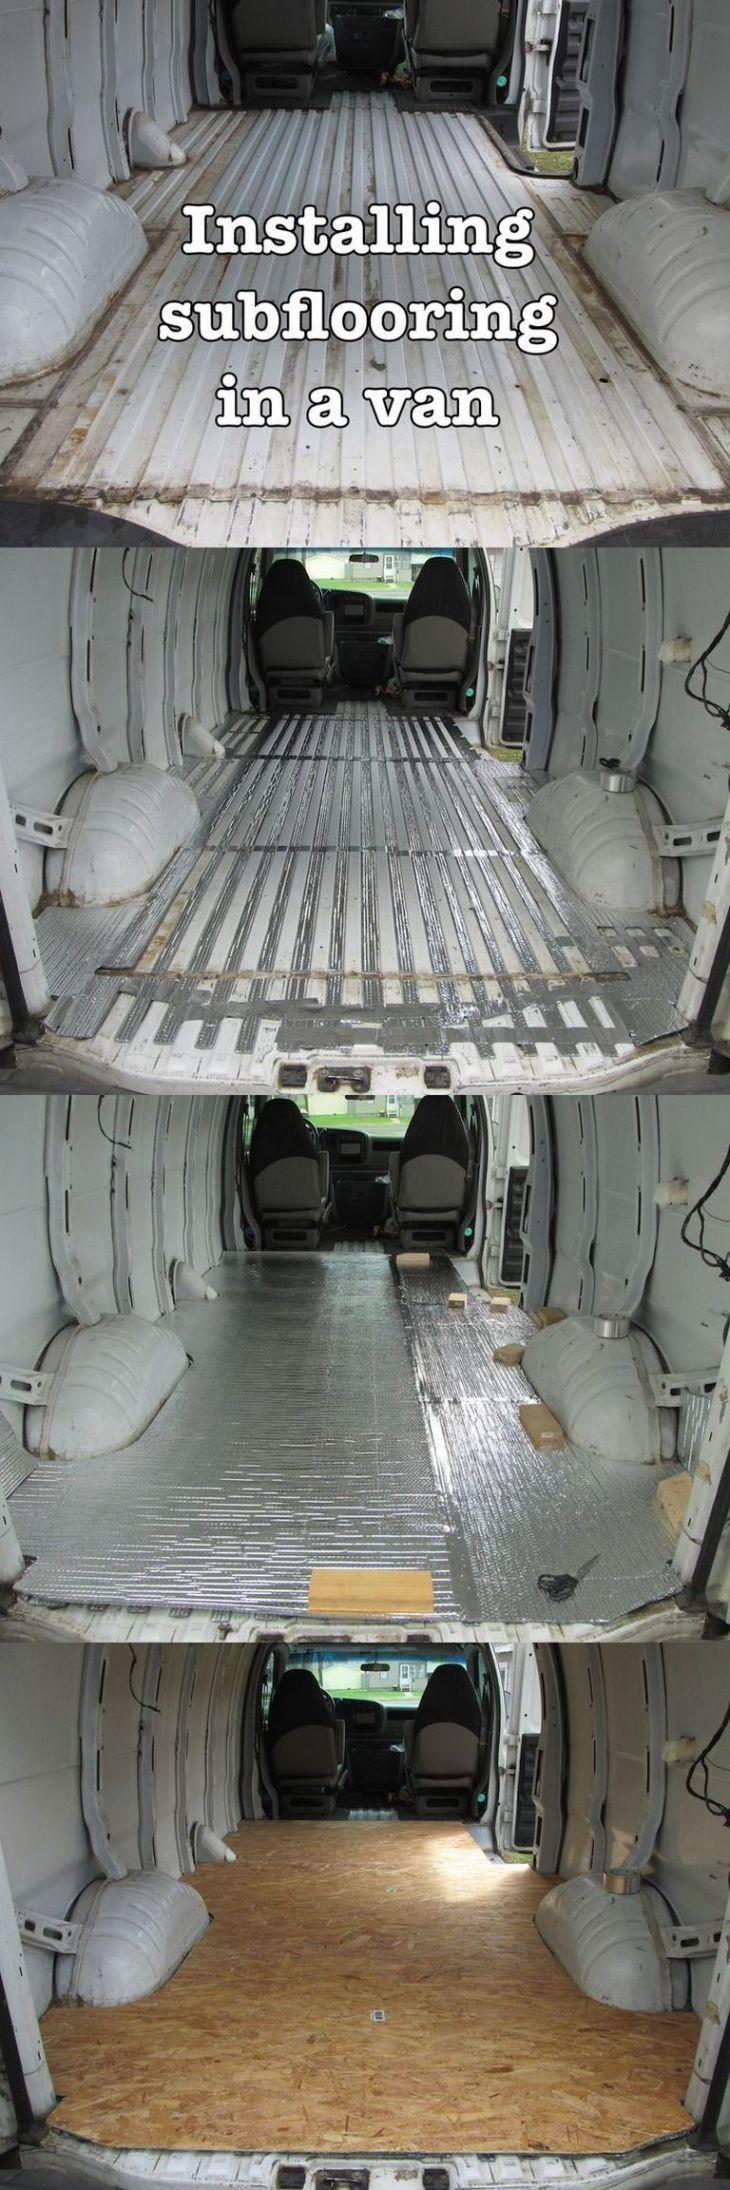 Wohnmobil Umbau DIY 47 #campеr